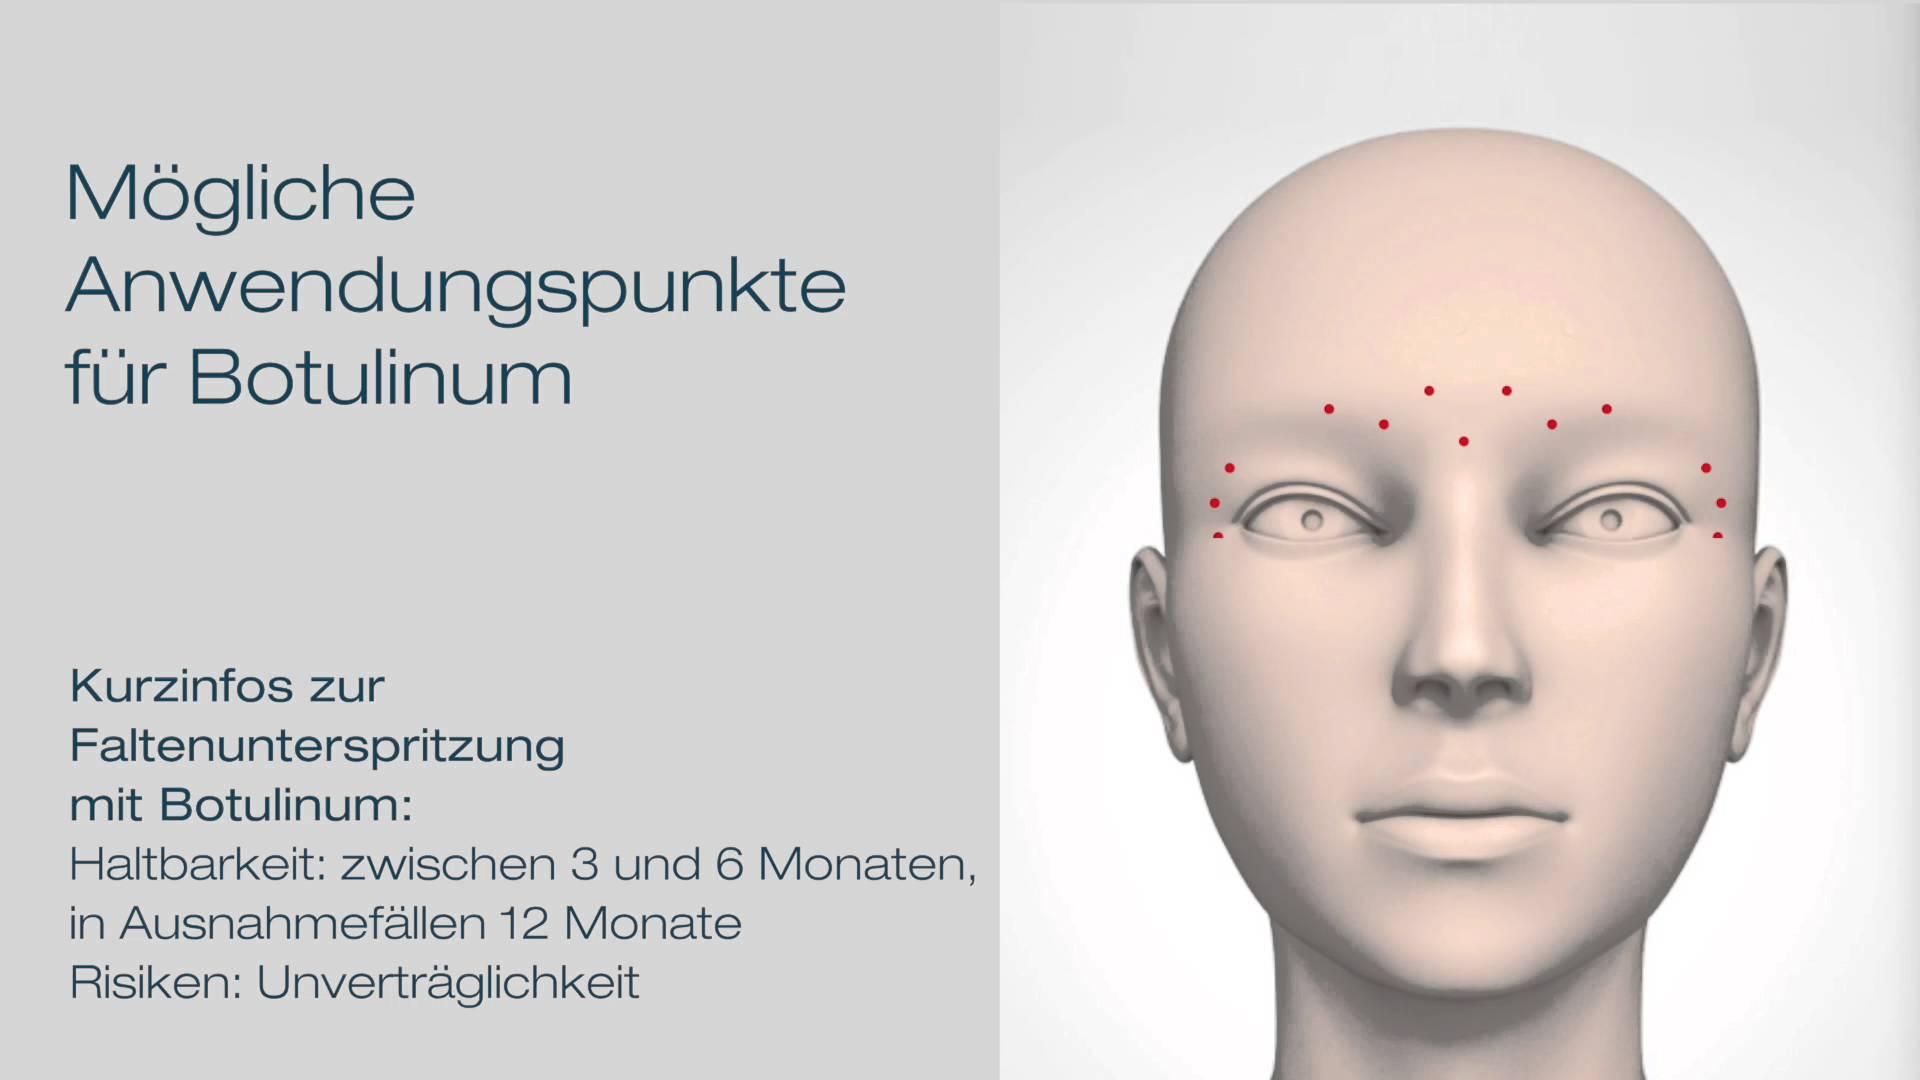 Behandlung von Gesichtsfalten mit Botox in Düsseldorf durch Dr. Manassa